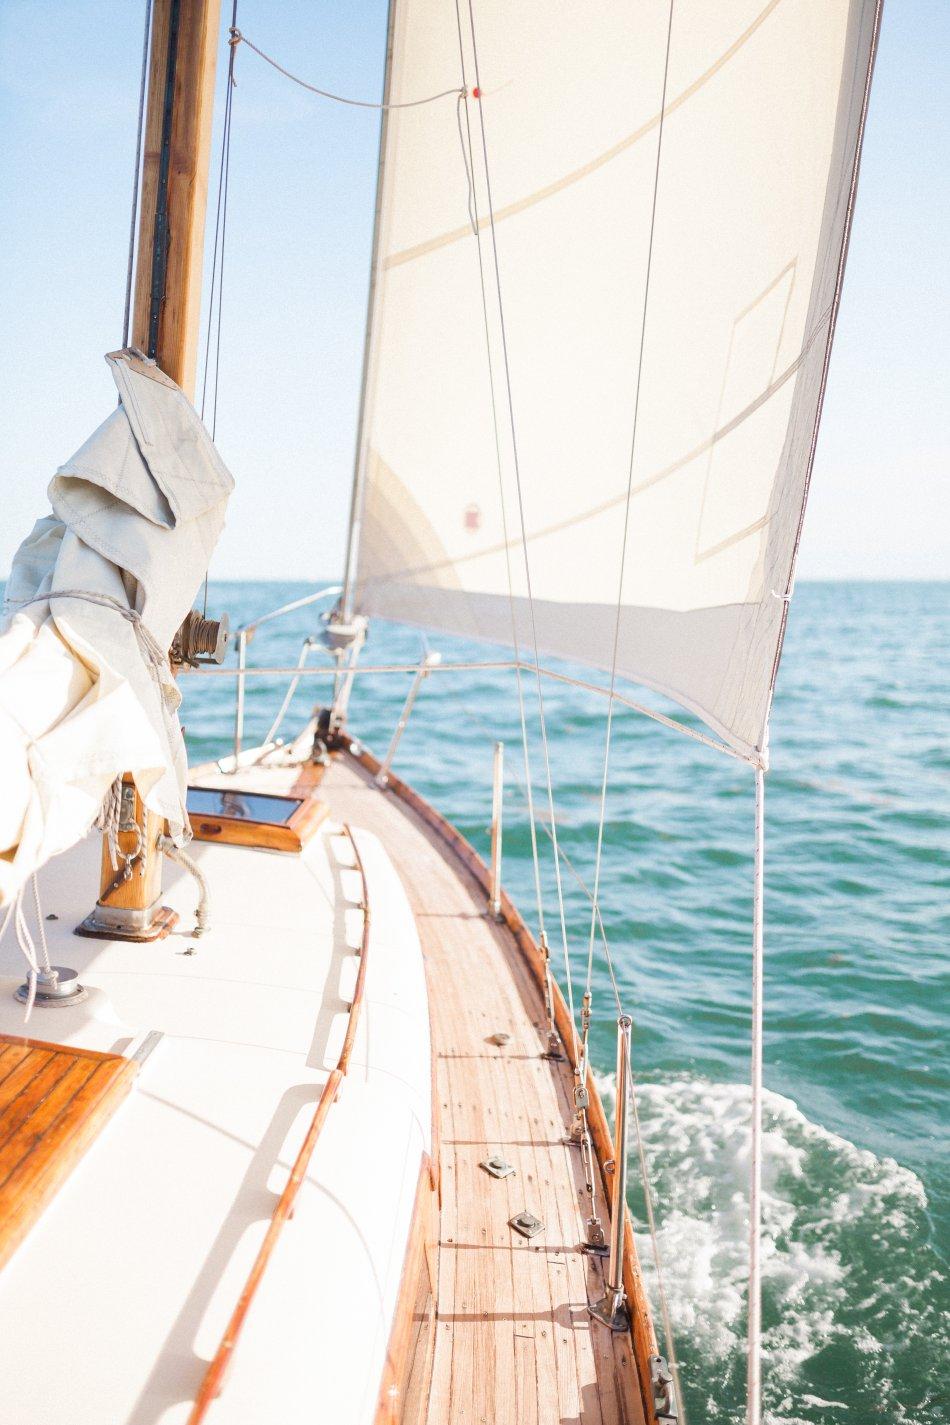 naples-luxury-sailing-engagement-photography-nautical-sailboat-engagement_1045.jpg